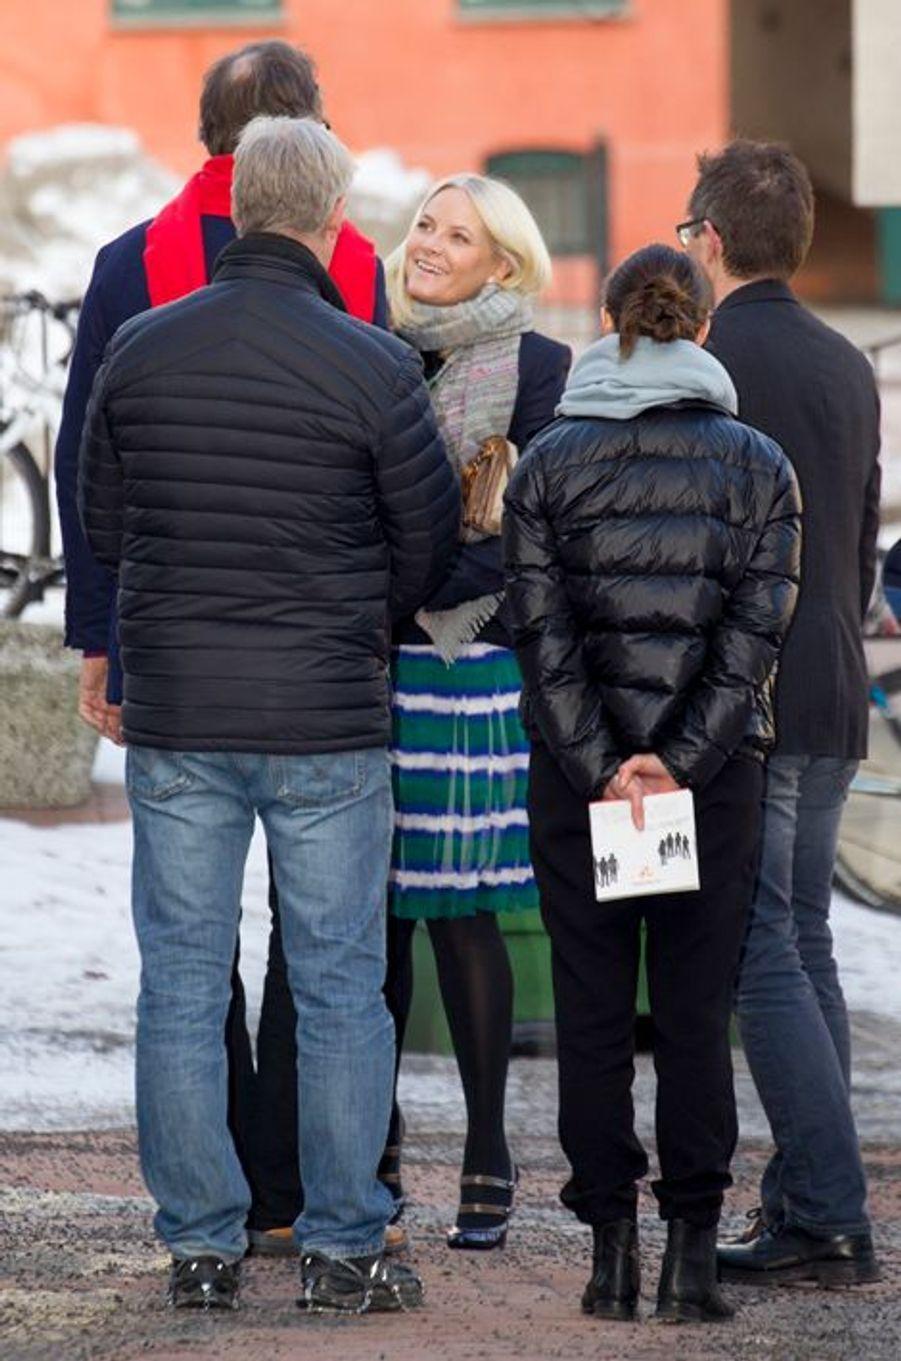 La princesse Mette-Marit visite un centre d'accueil pour personnes défavorisées à Oslo, le 3 février 2015